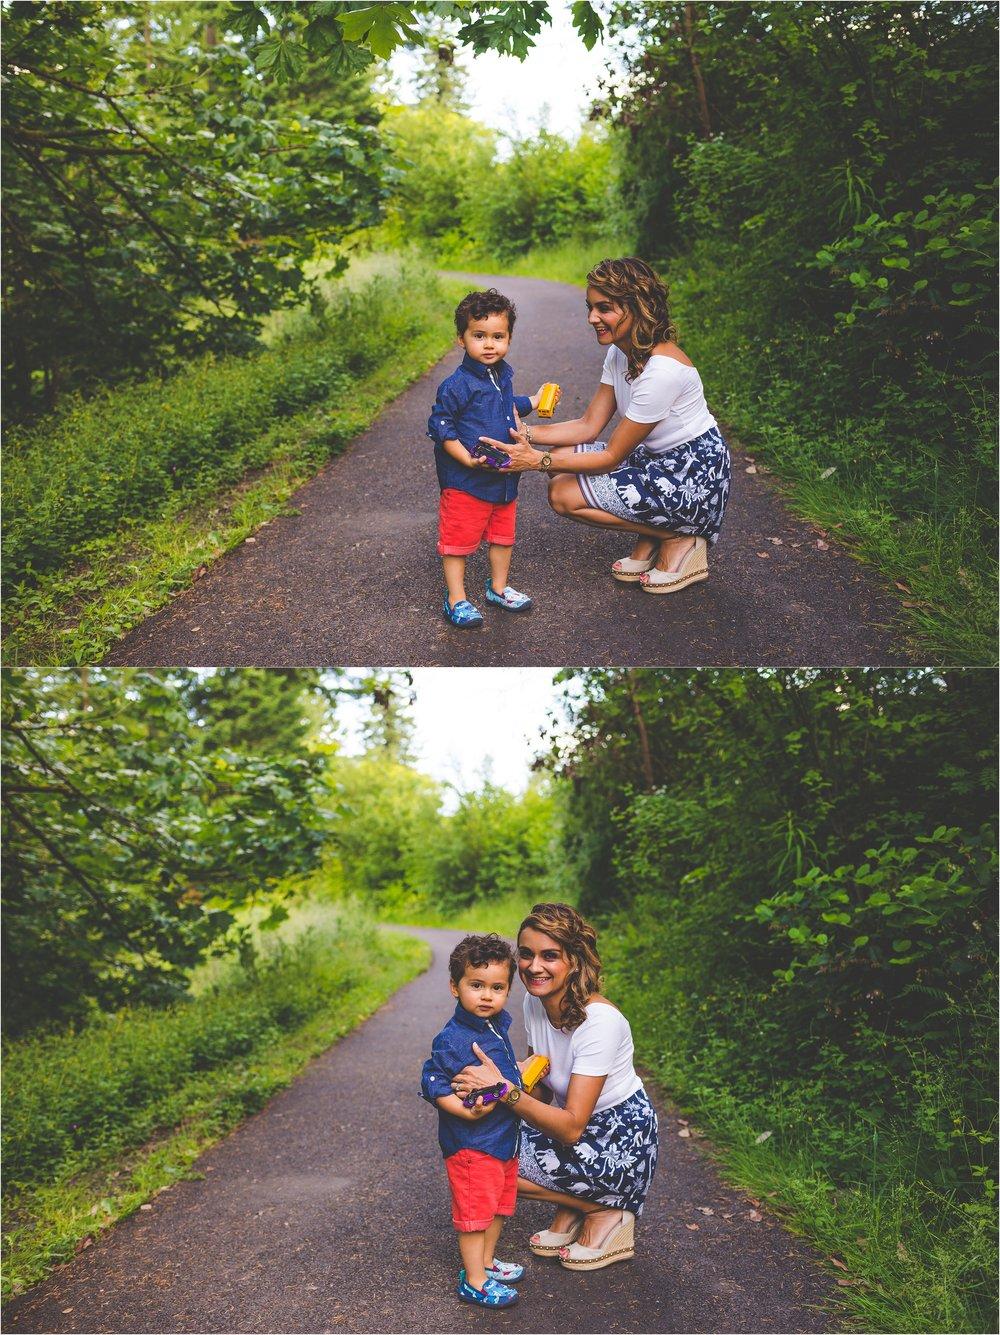 hoyt-arboretum-family-session-jannicka-mayte-portland-oregon-family-photographer_0007.jpg